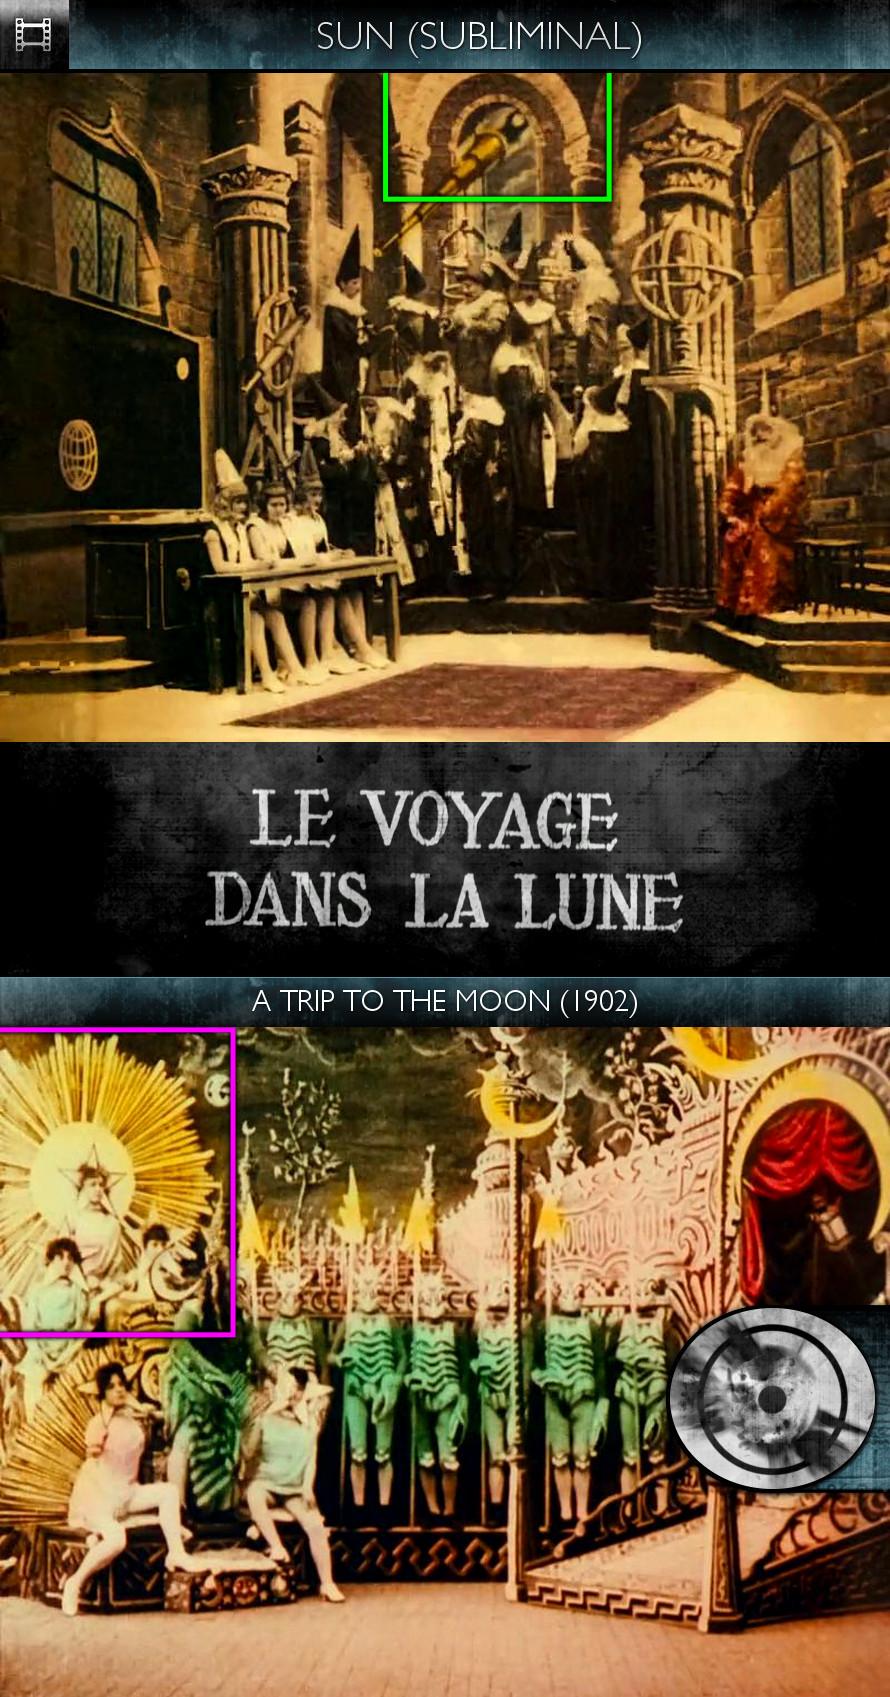 Voyage dans la Lune (A Trip to the Moon) (1902) - Sun/Solar - Subliminal